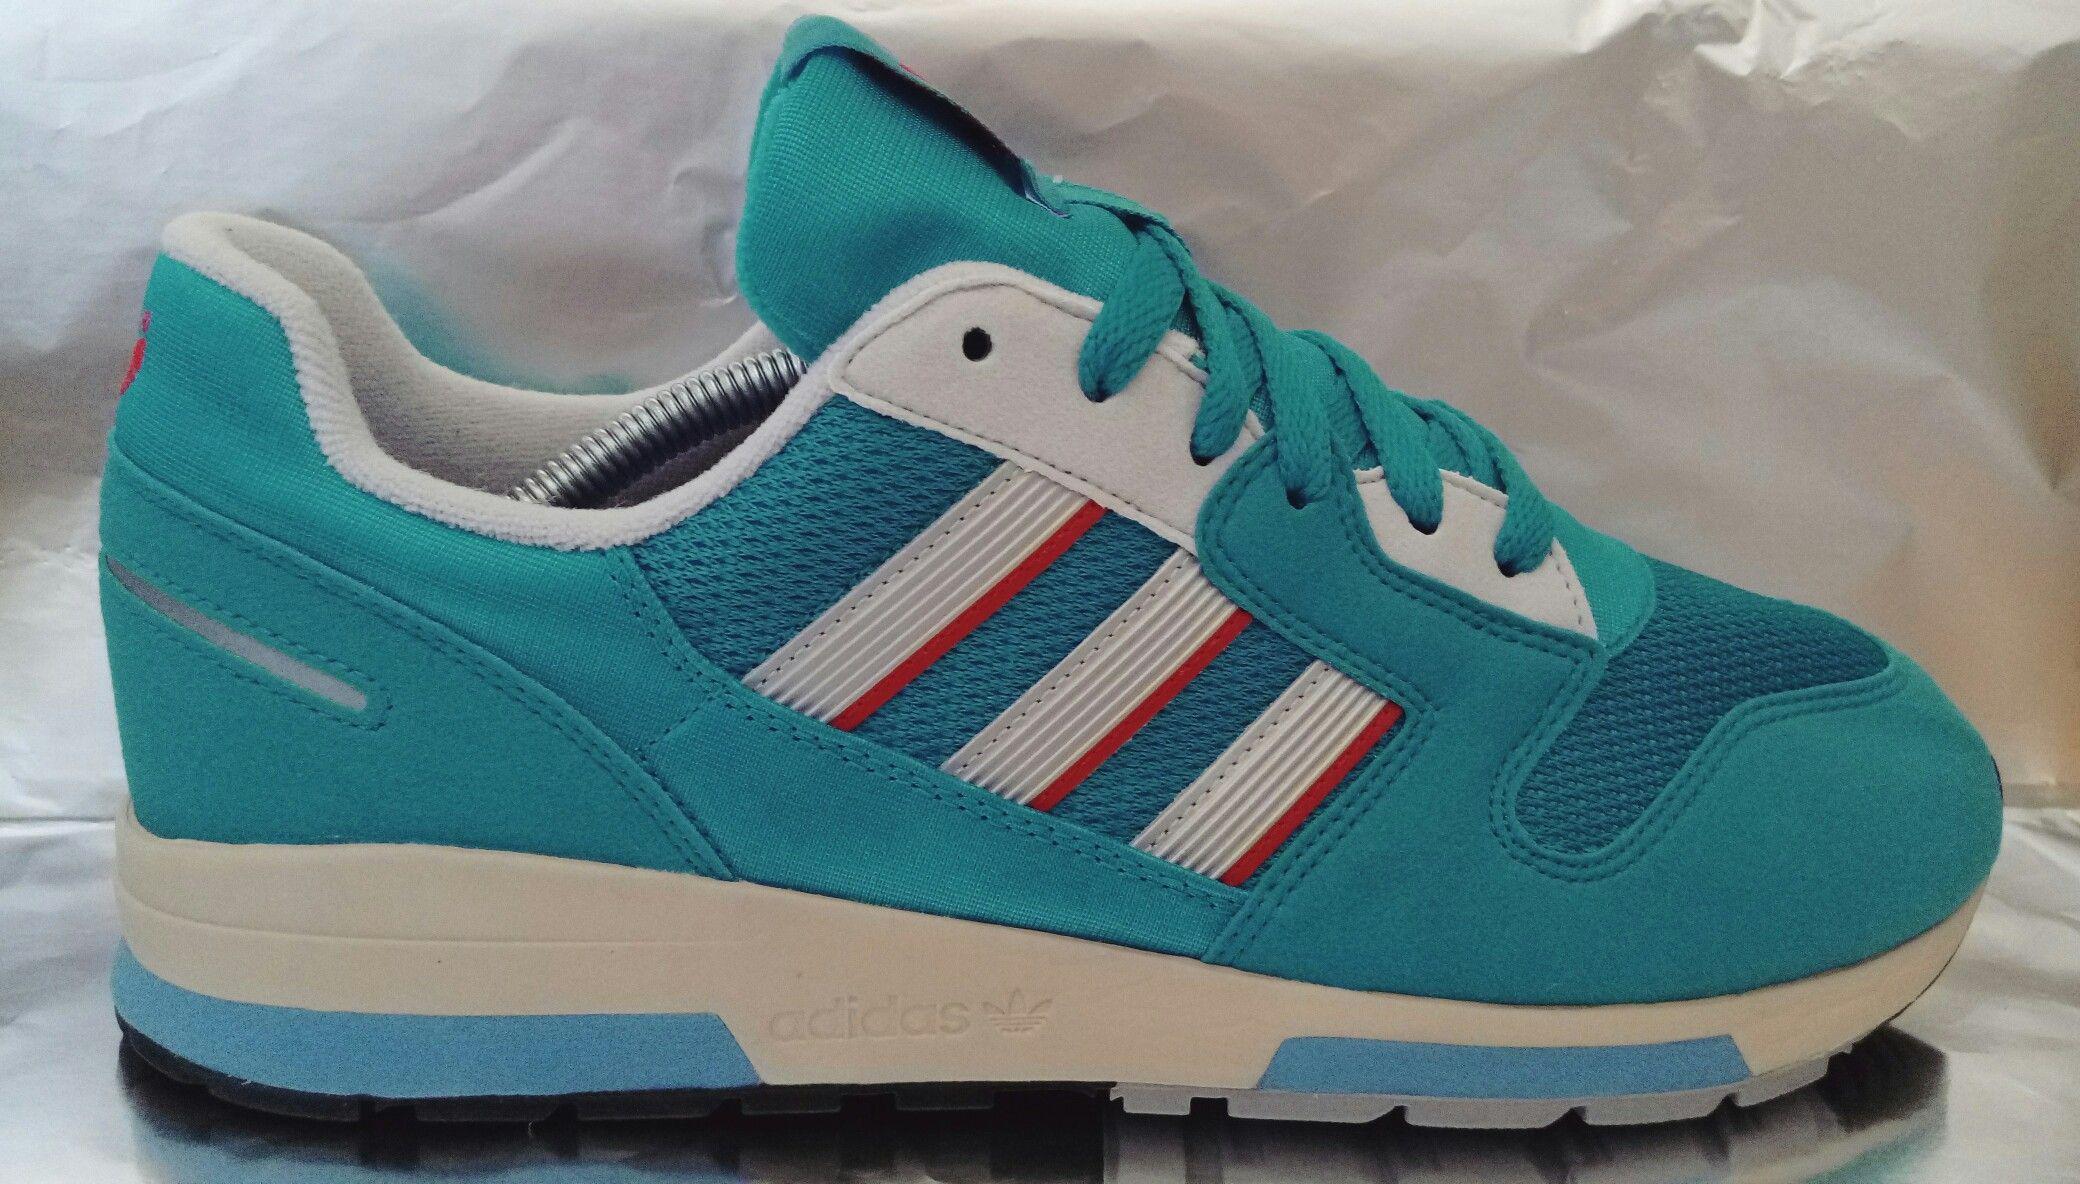 Adidas zx 420 zapatillas me encanta Pinterest adidas zx y Adidas